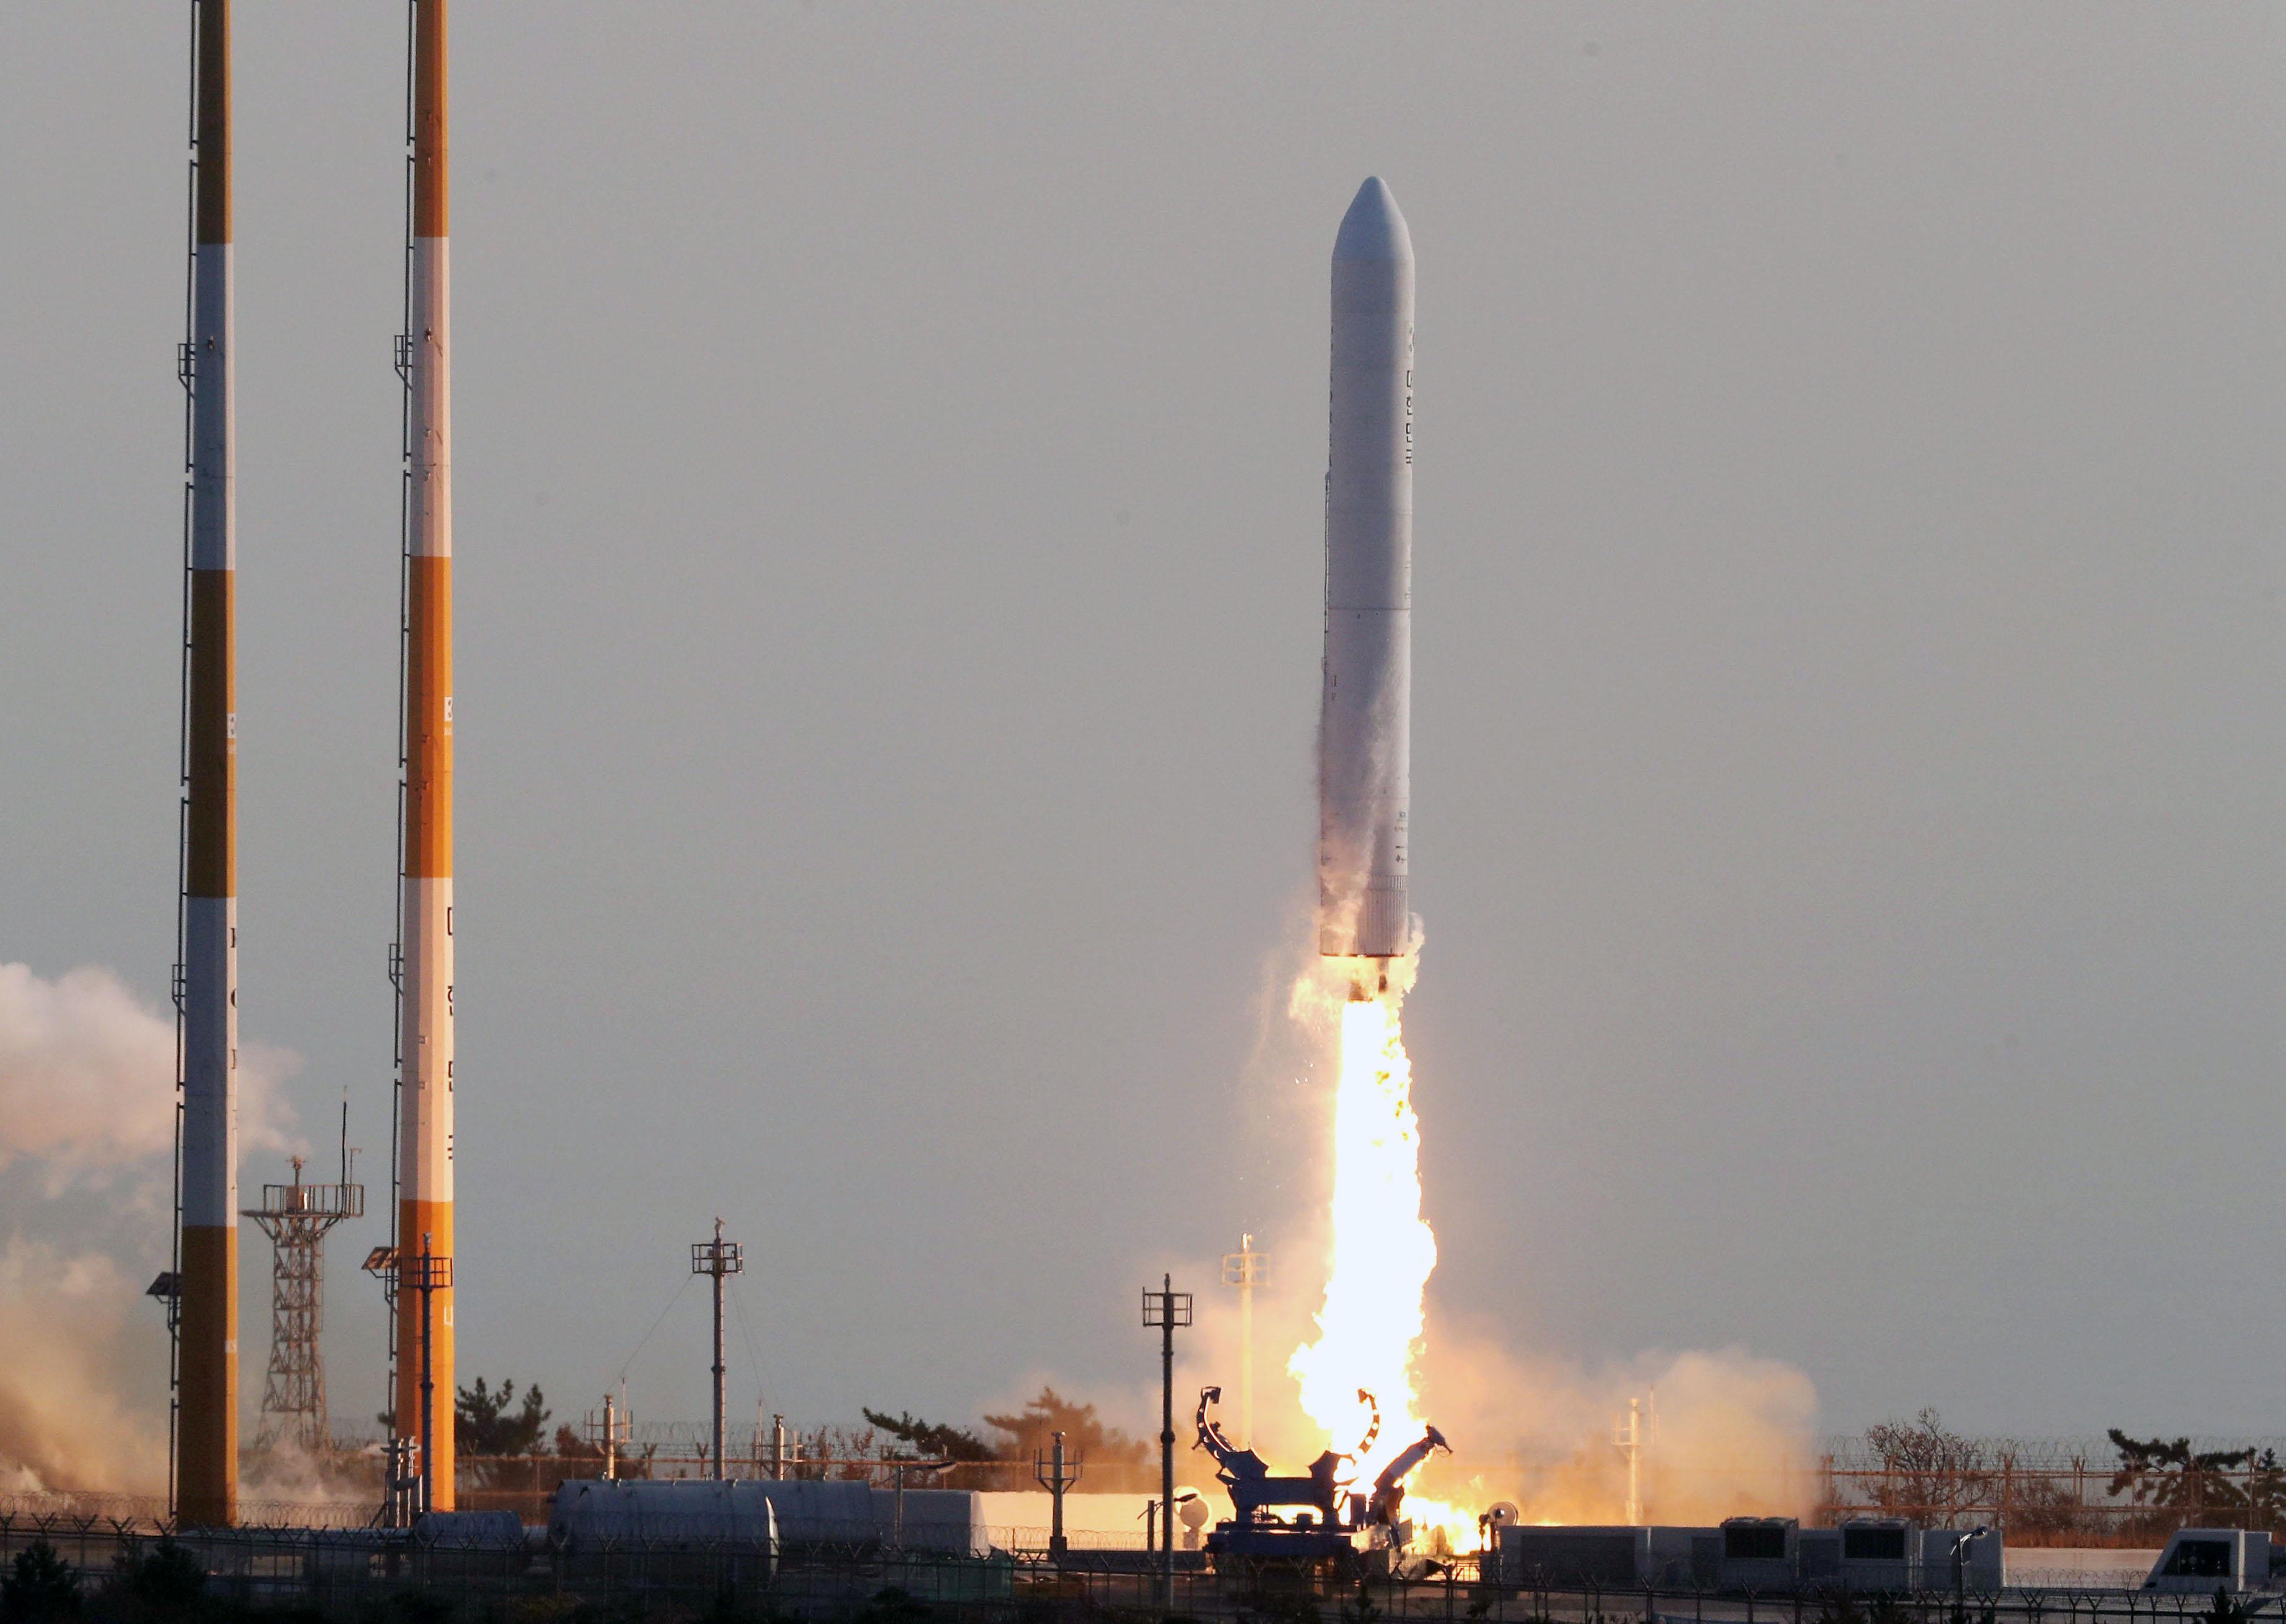 한국형발사체(KSLV-Ⅱ) '누리호'의 주 엔진을 검증하기 위한 시험발사체가 28일 오후 4시 전남 고흥 나로우주센터 발사대에서 성공적으로 발사됐다. - 사진공동취재단